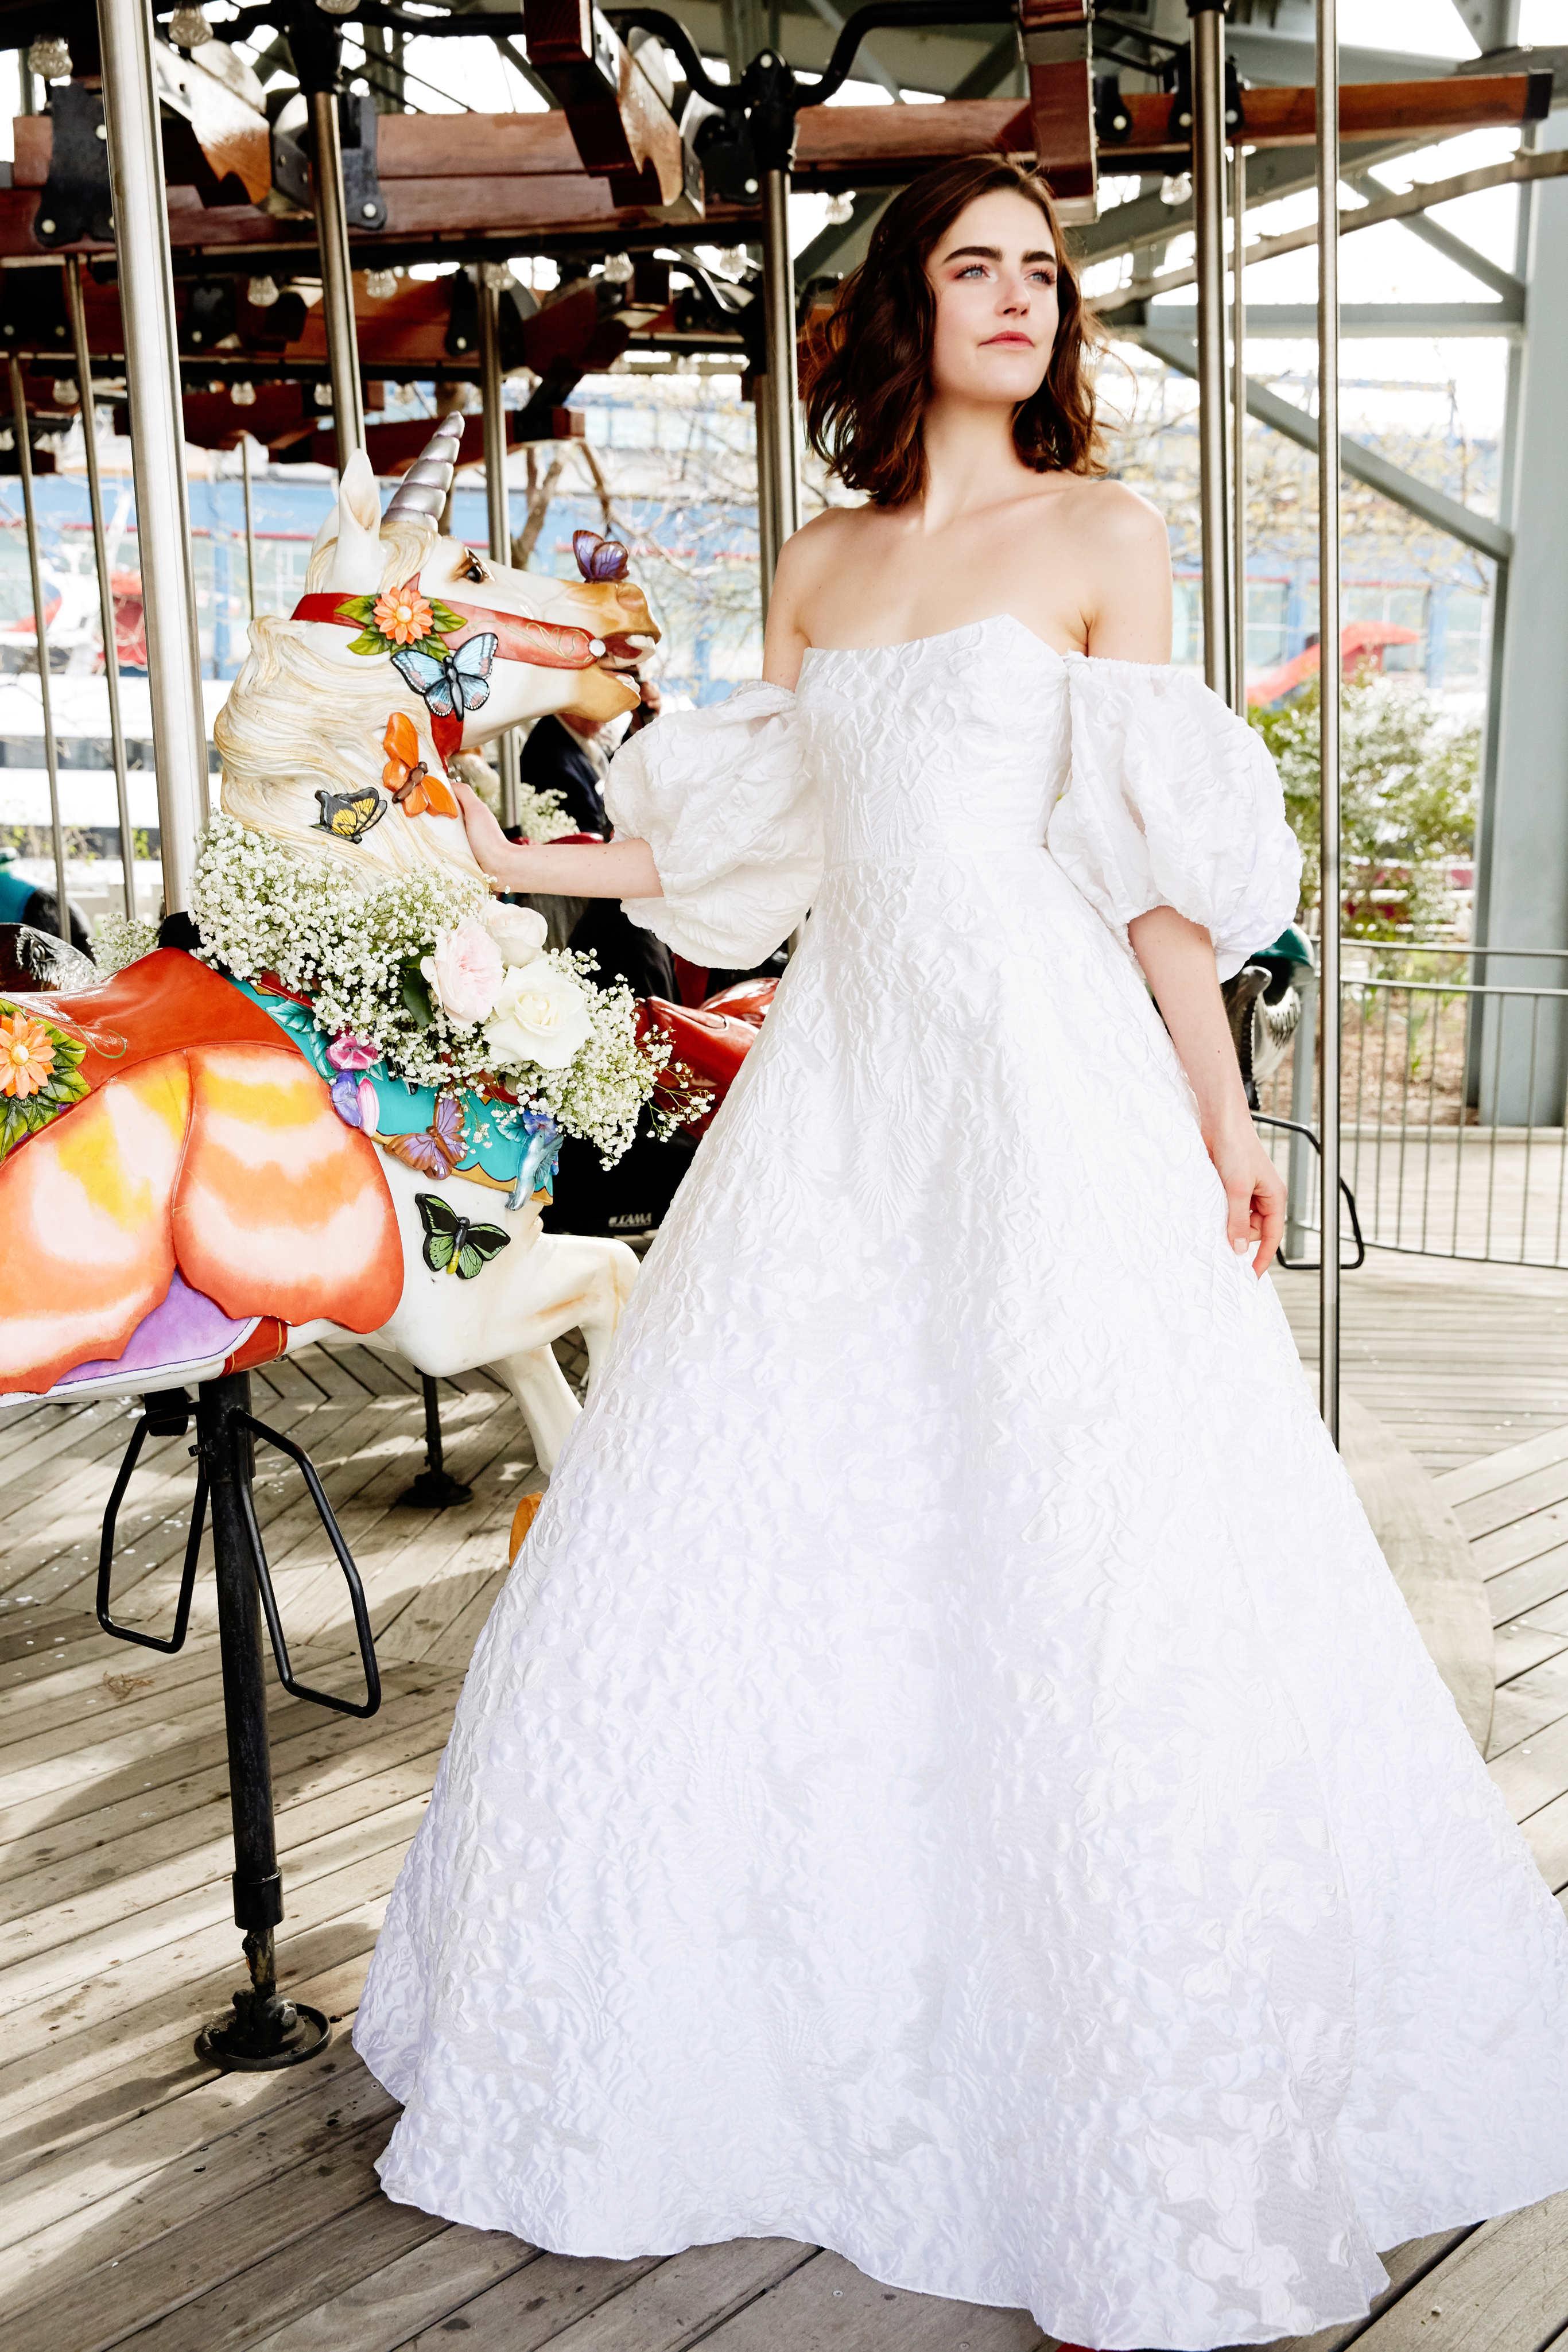 lela rose wedding dress bridal market spring 2020 off-the-shoulder puffed sleeve a-line